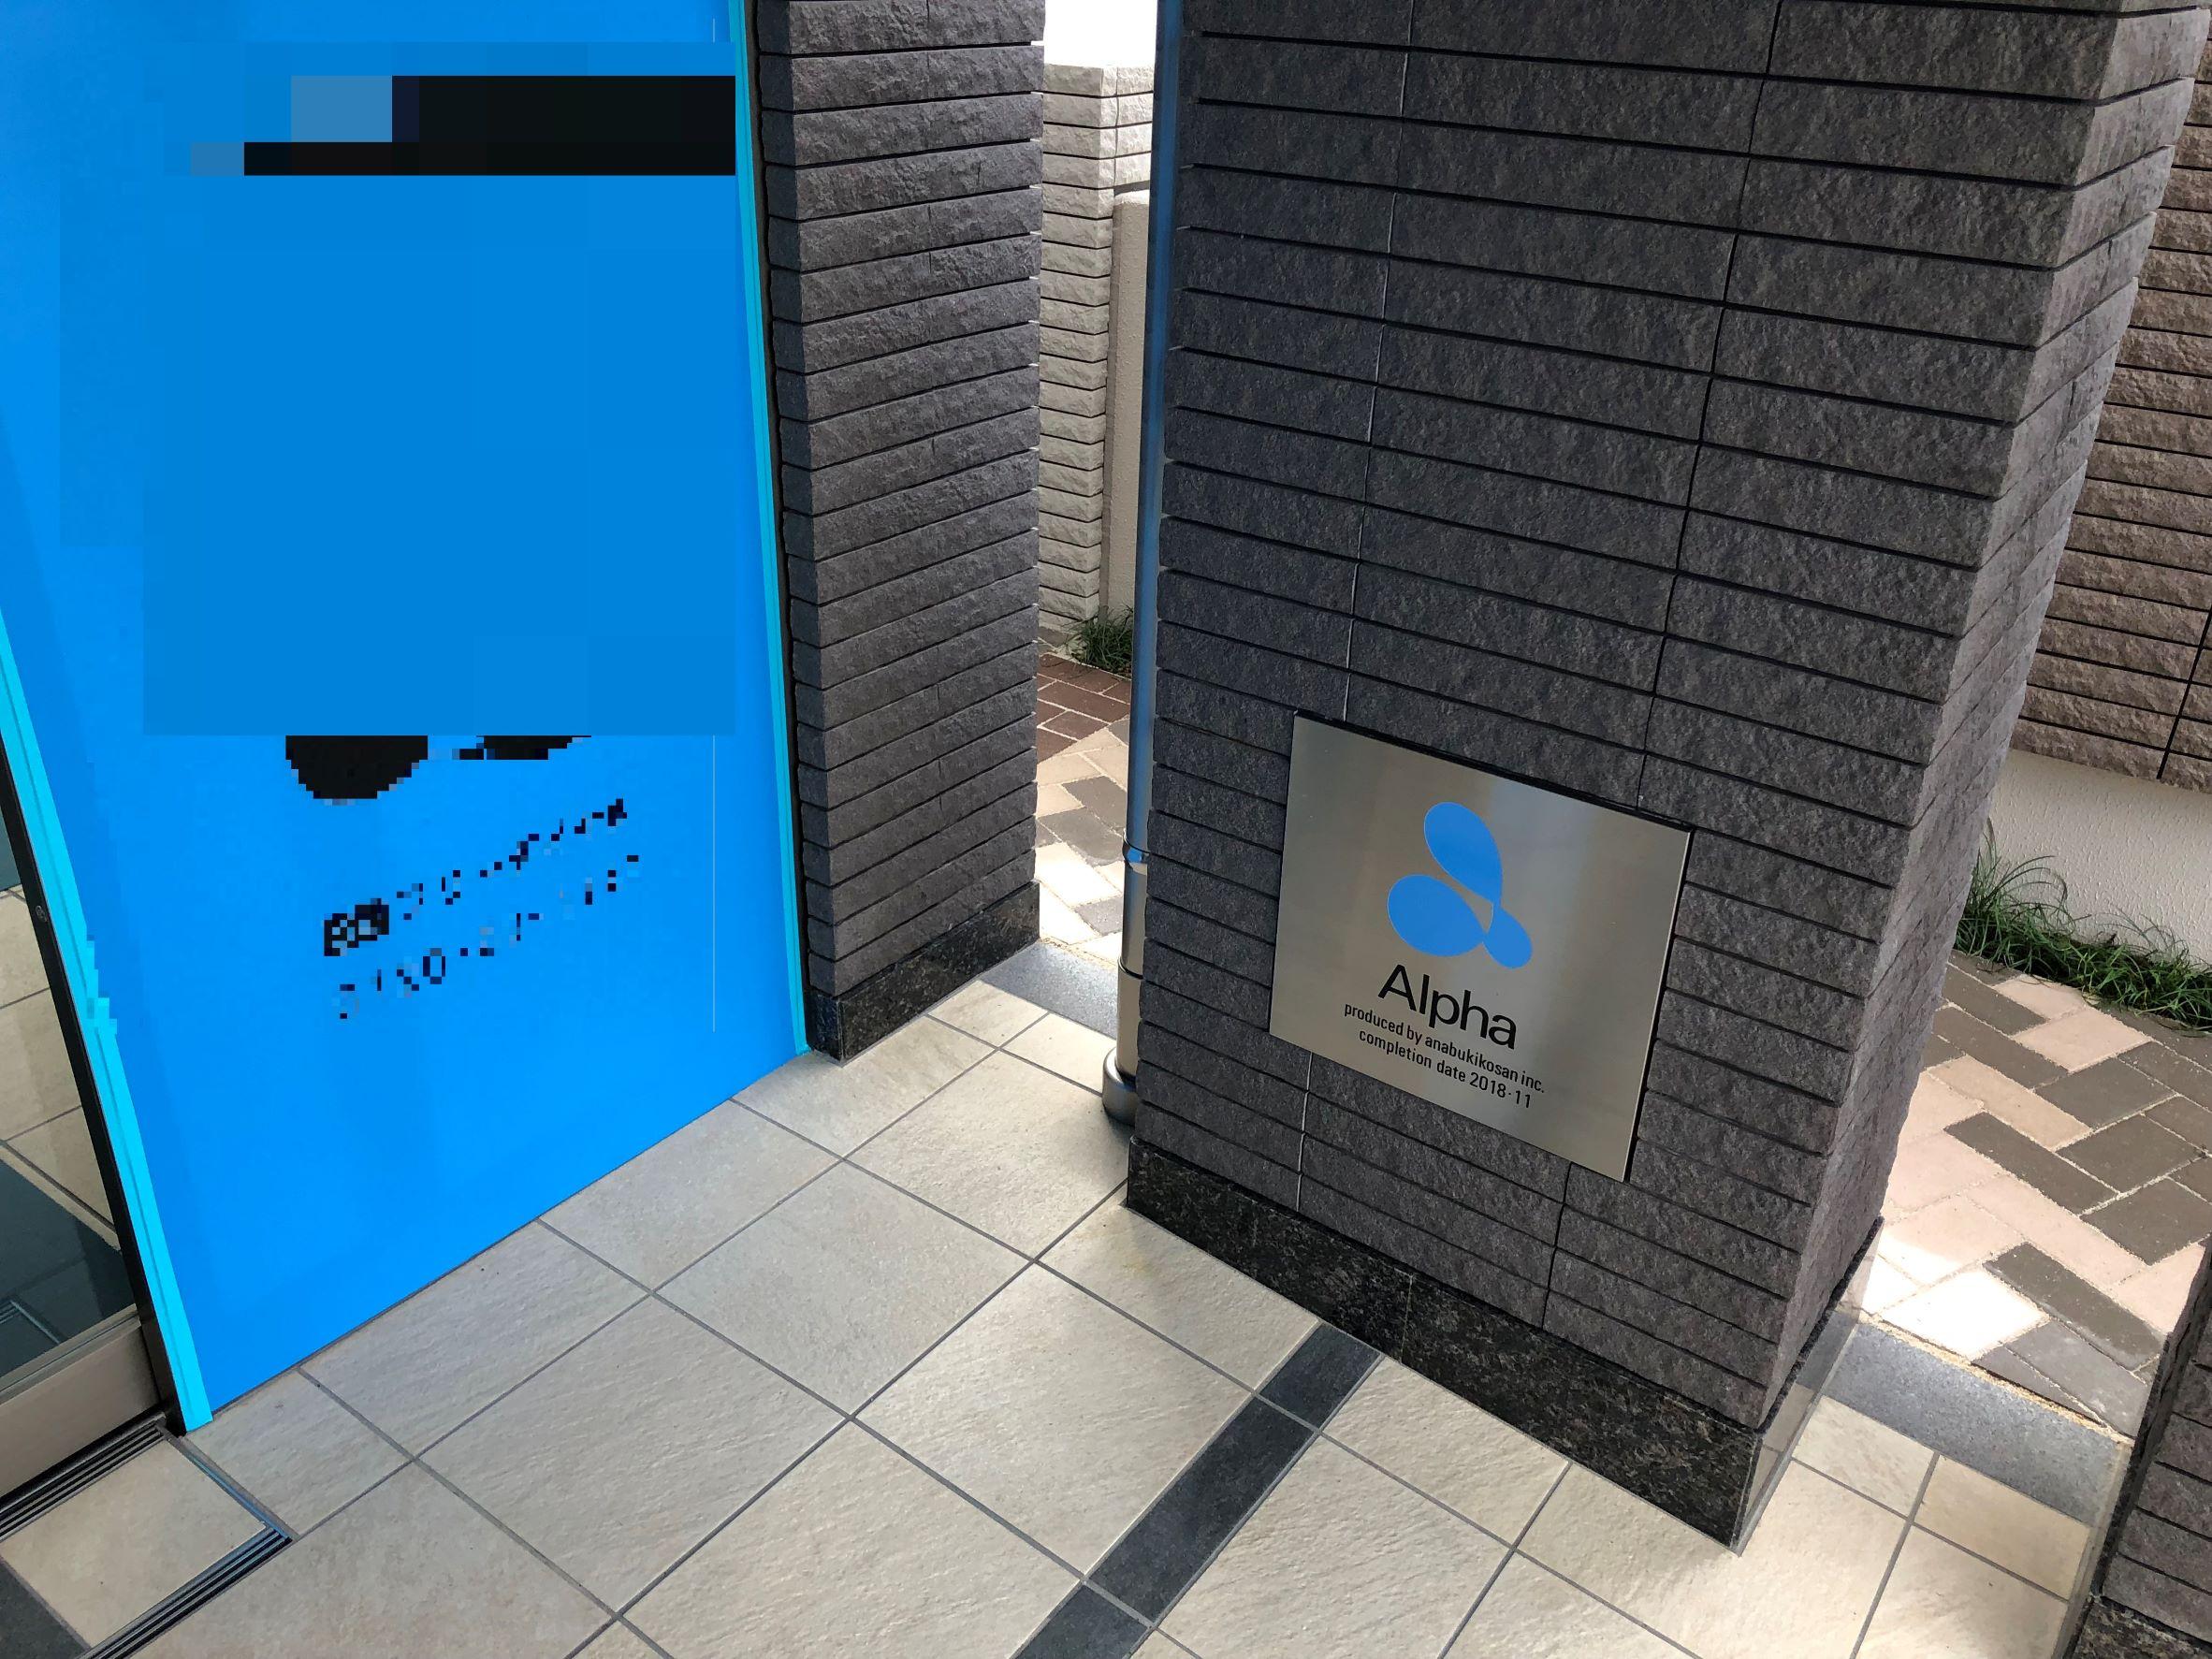 愛媛県松山市の新築マンションアルファへUVフロアコーティング